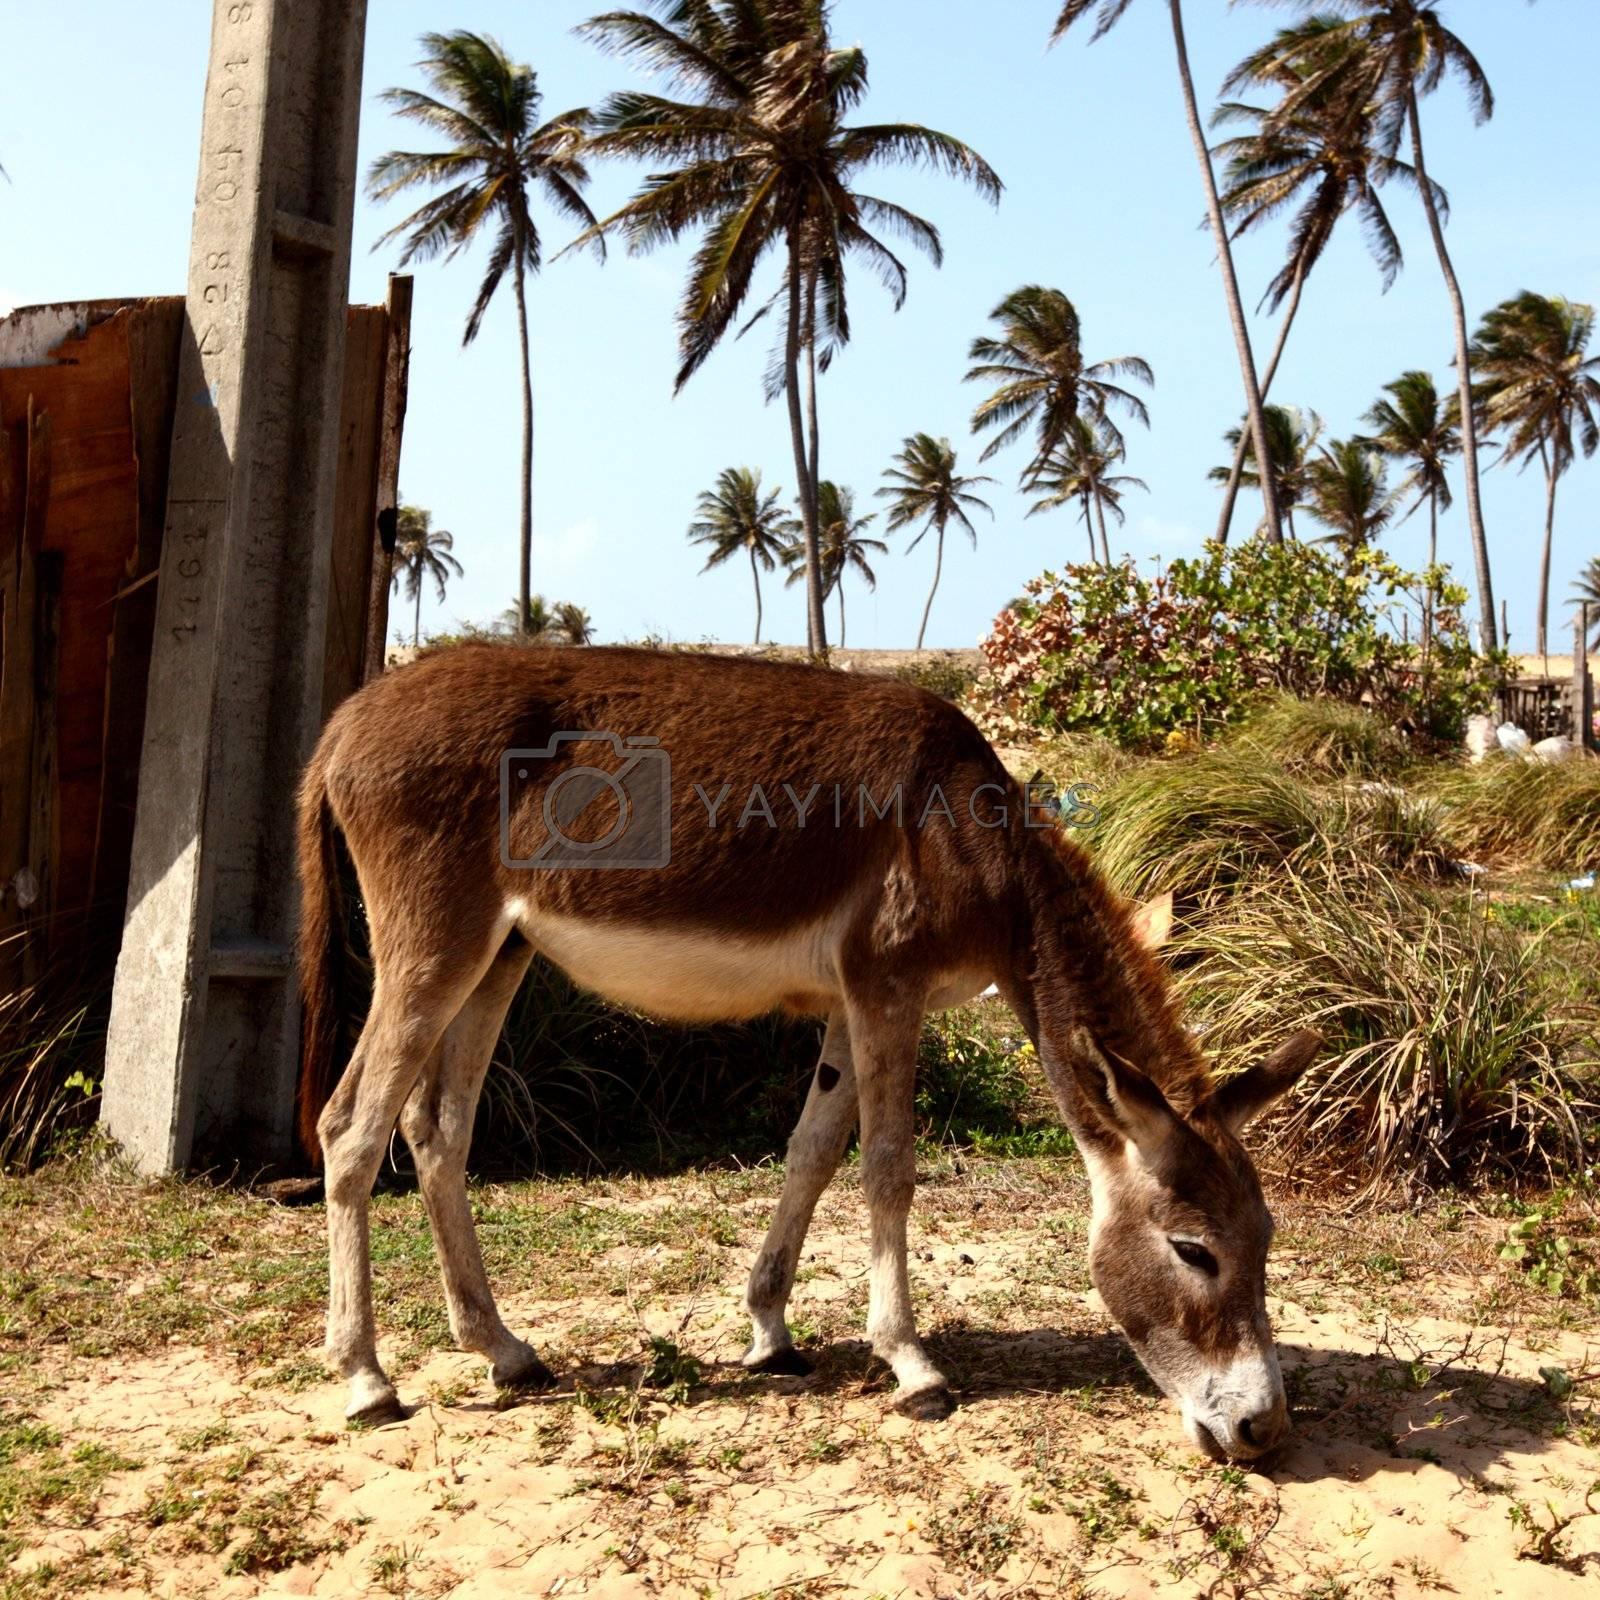 donkey eat grass in desert